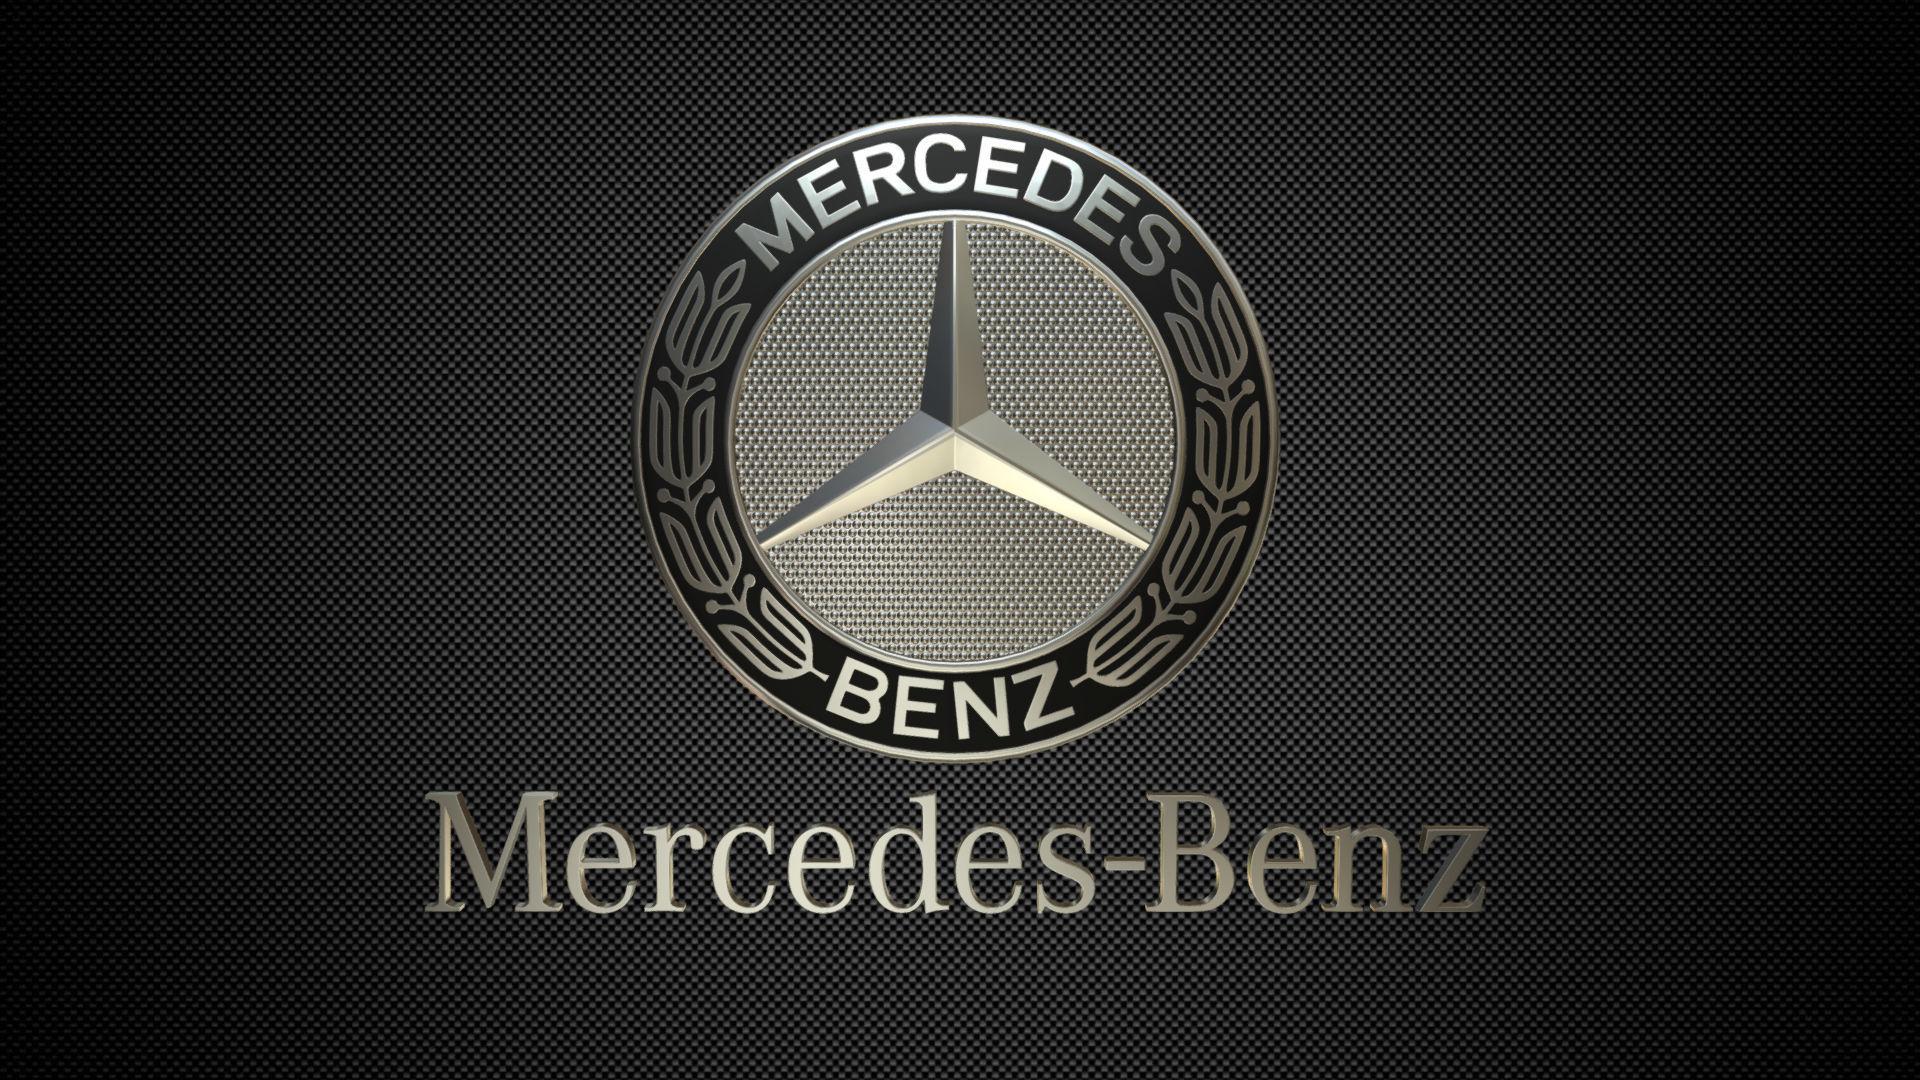 1920x1080 Mercedes Benz Mercedes Benz Logo Vector Free Download